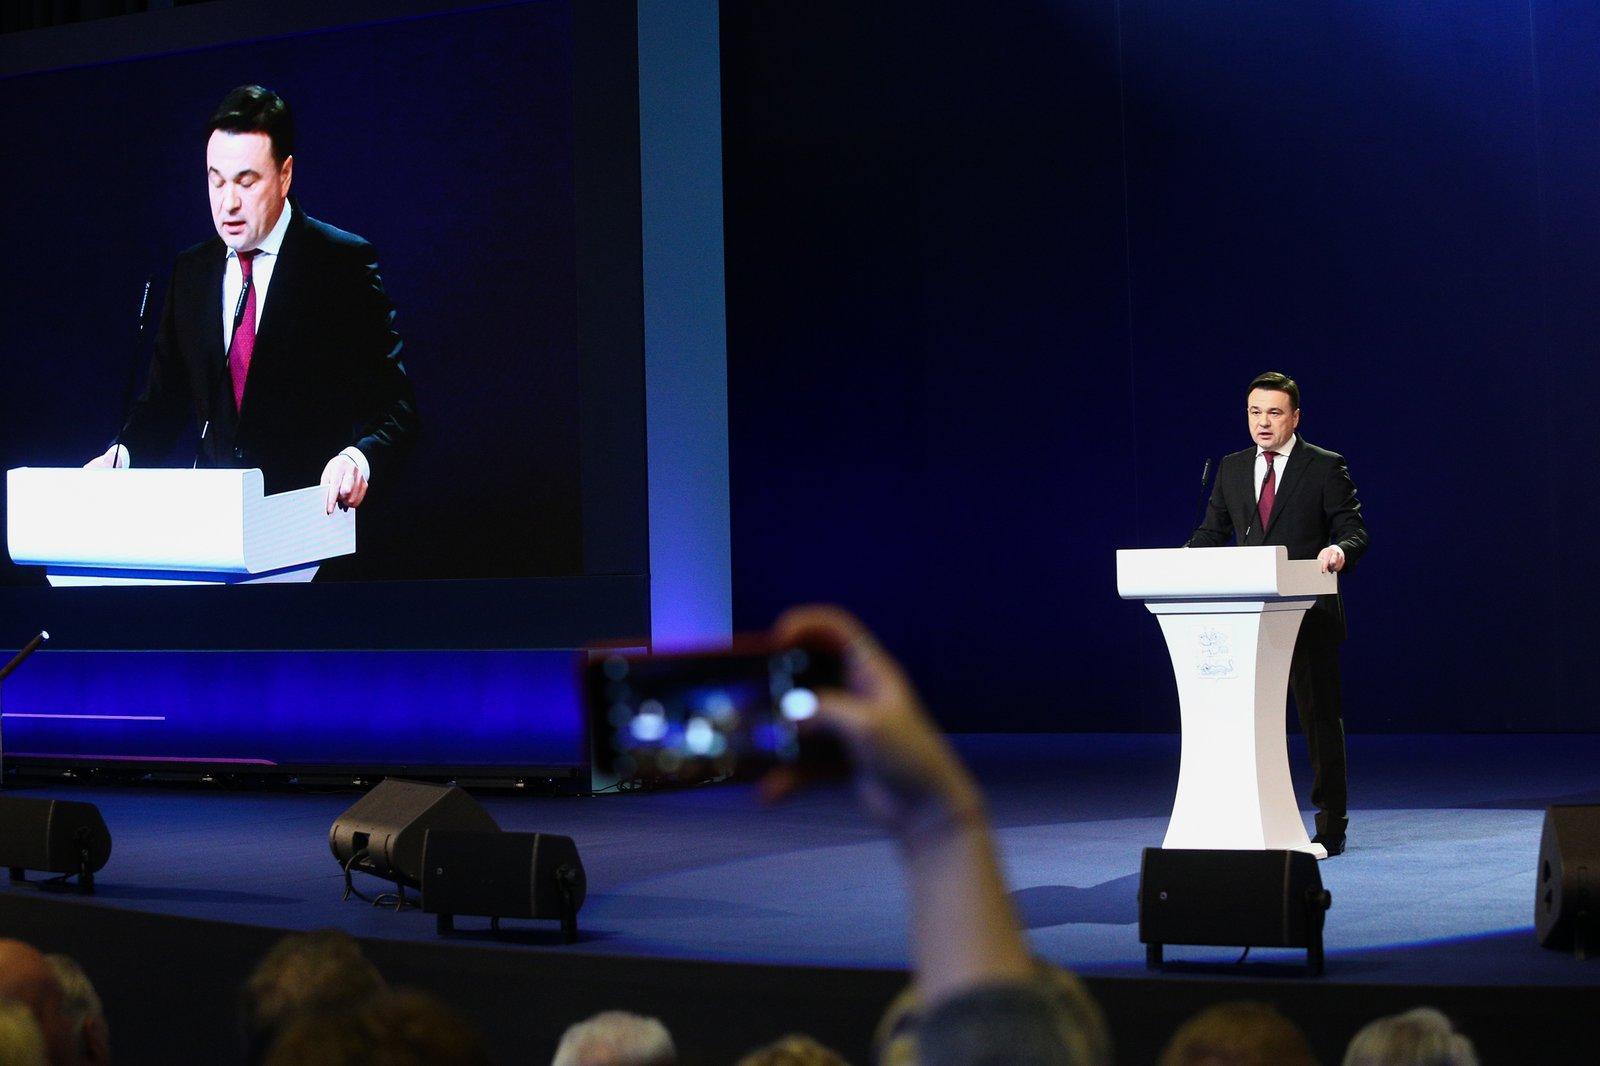 Андрей Воробьев губернатор московской области - Расти успешным и воспитанным. Как в Подмосковье будут развивать образование